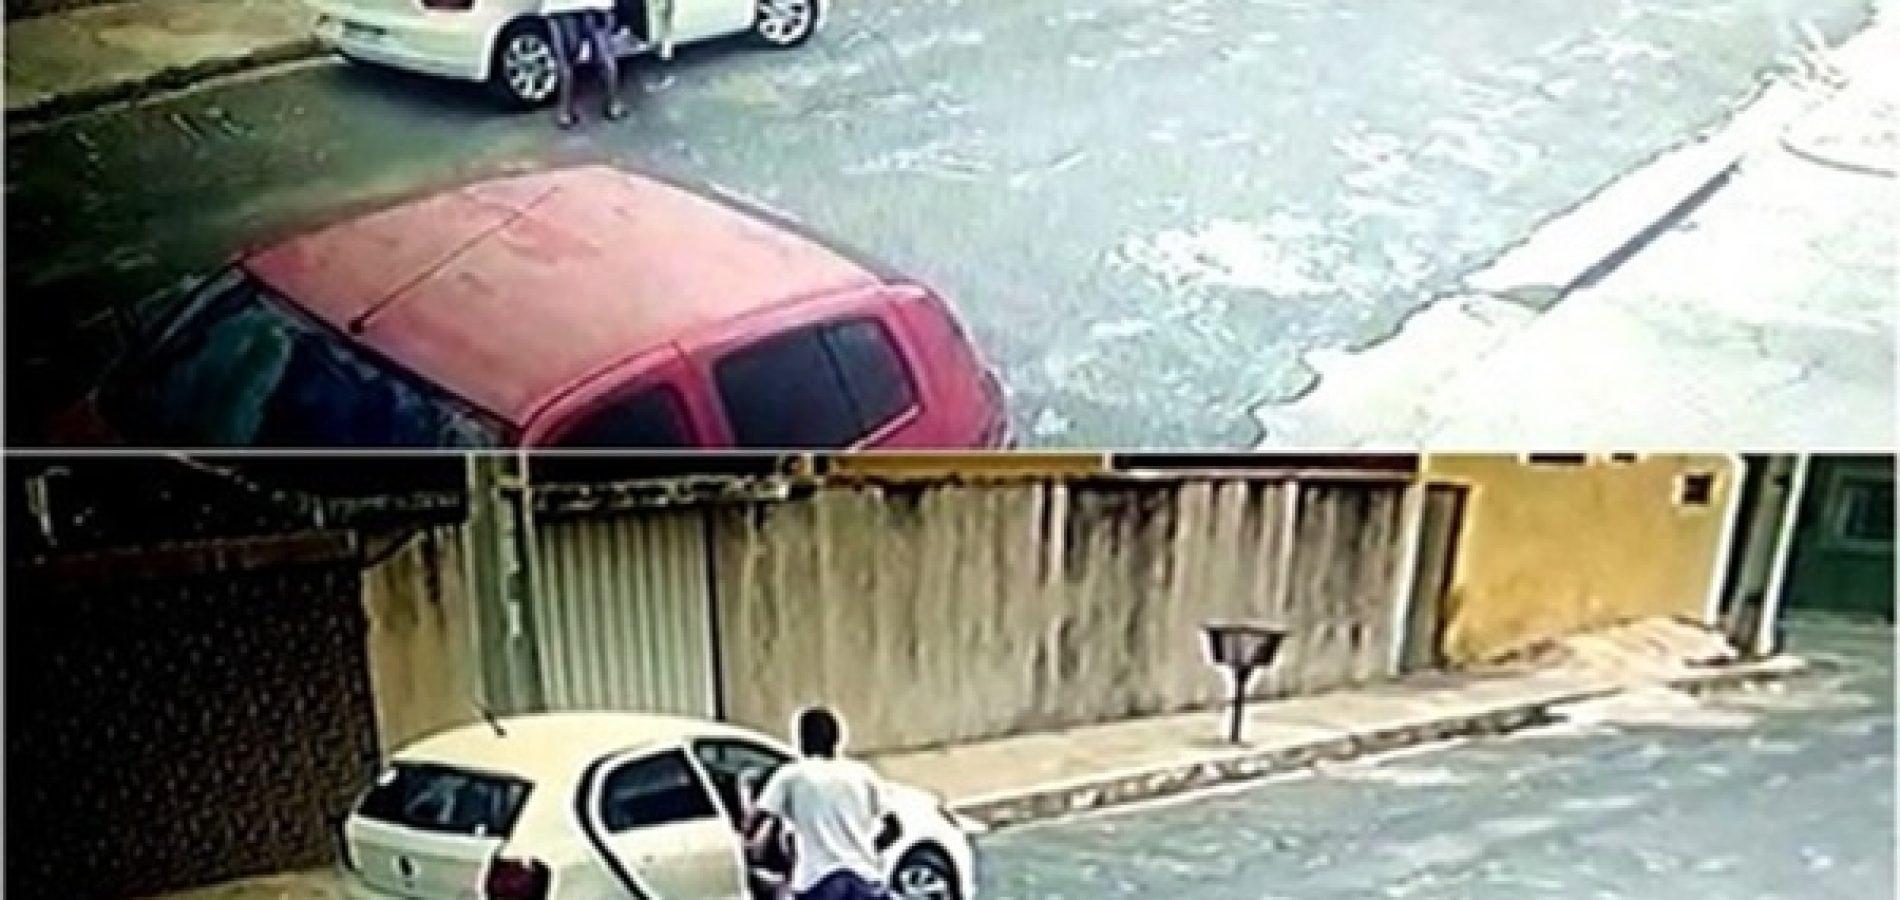 Após 12 horas, cãozinho levado durante roubo de carro no Piauí é reencontrado